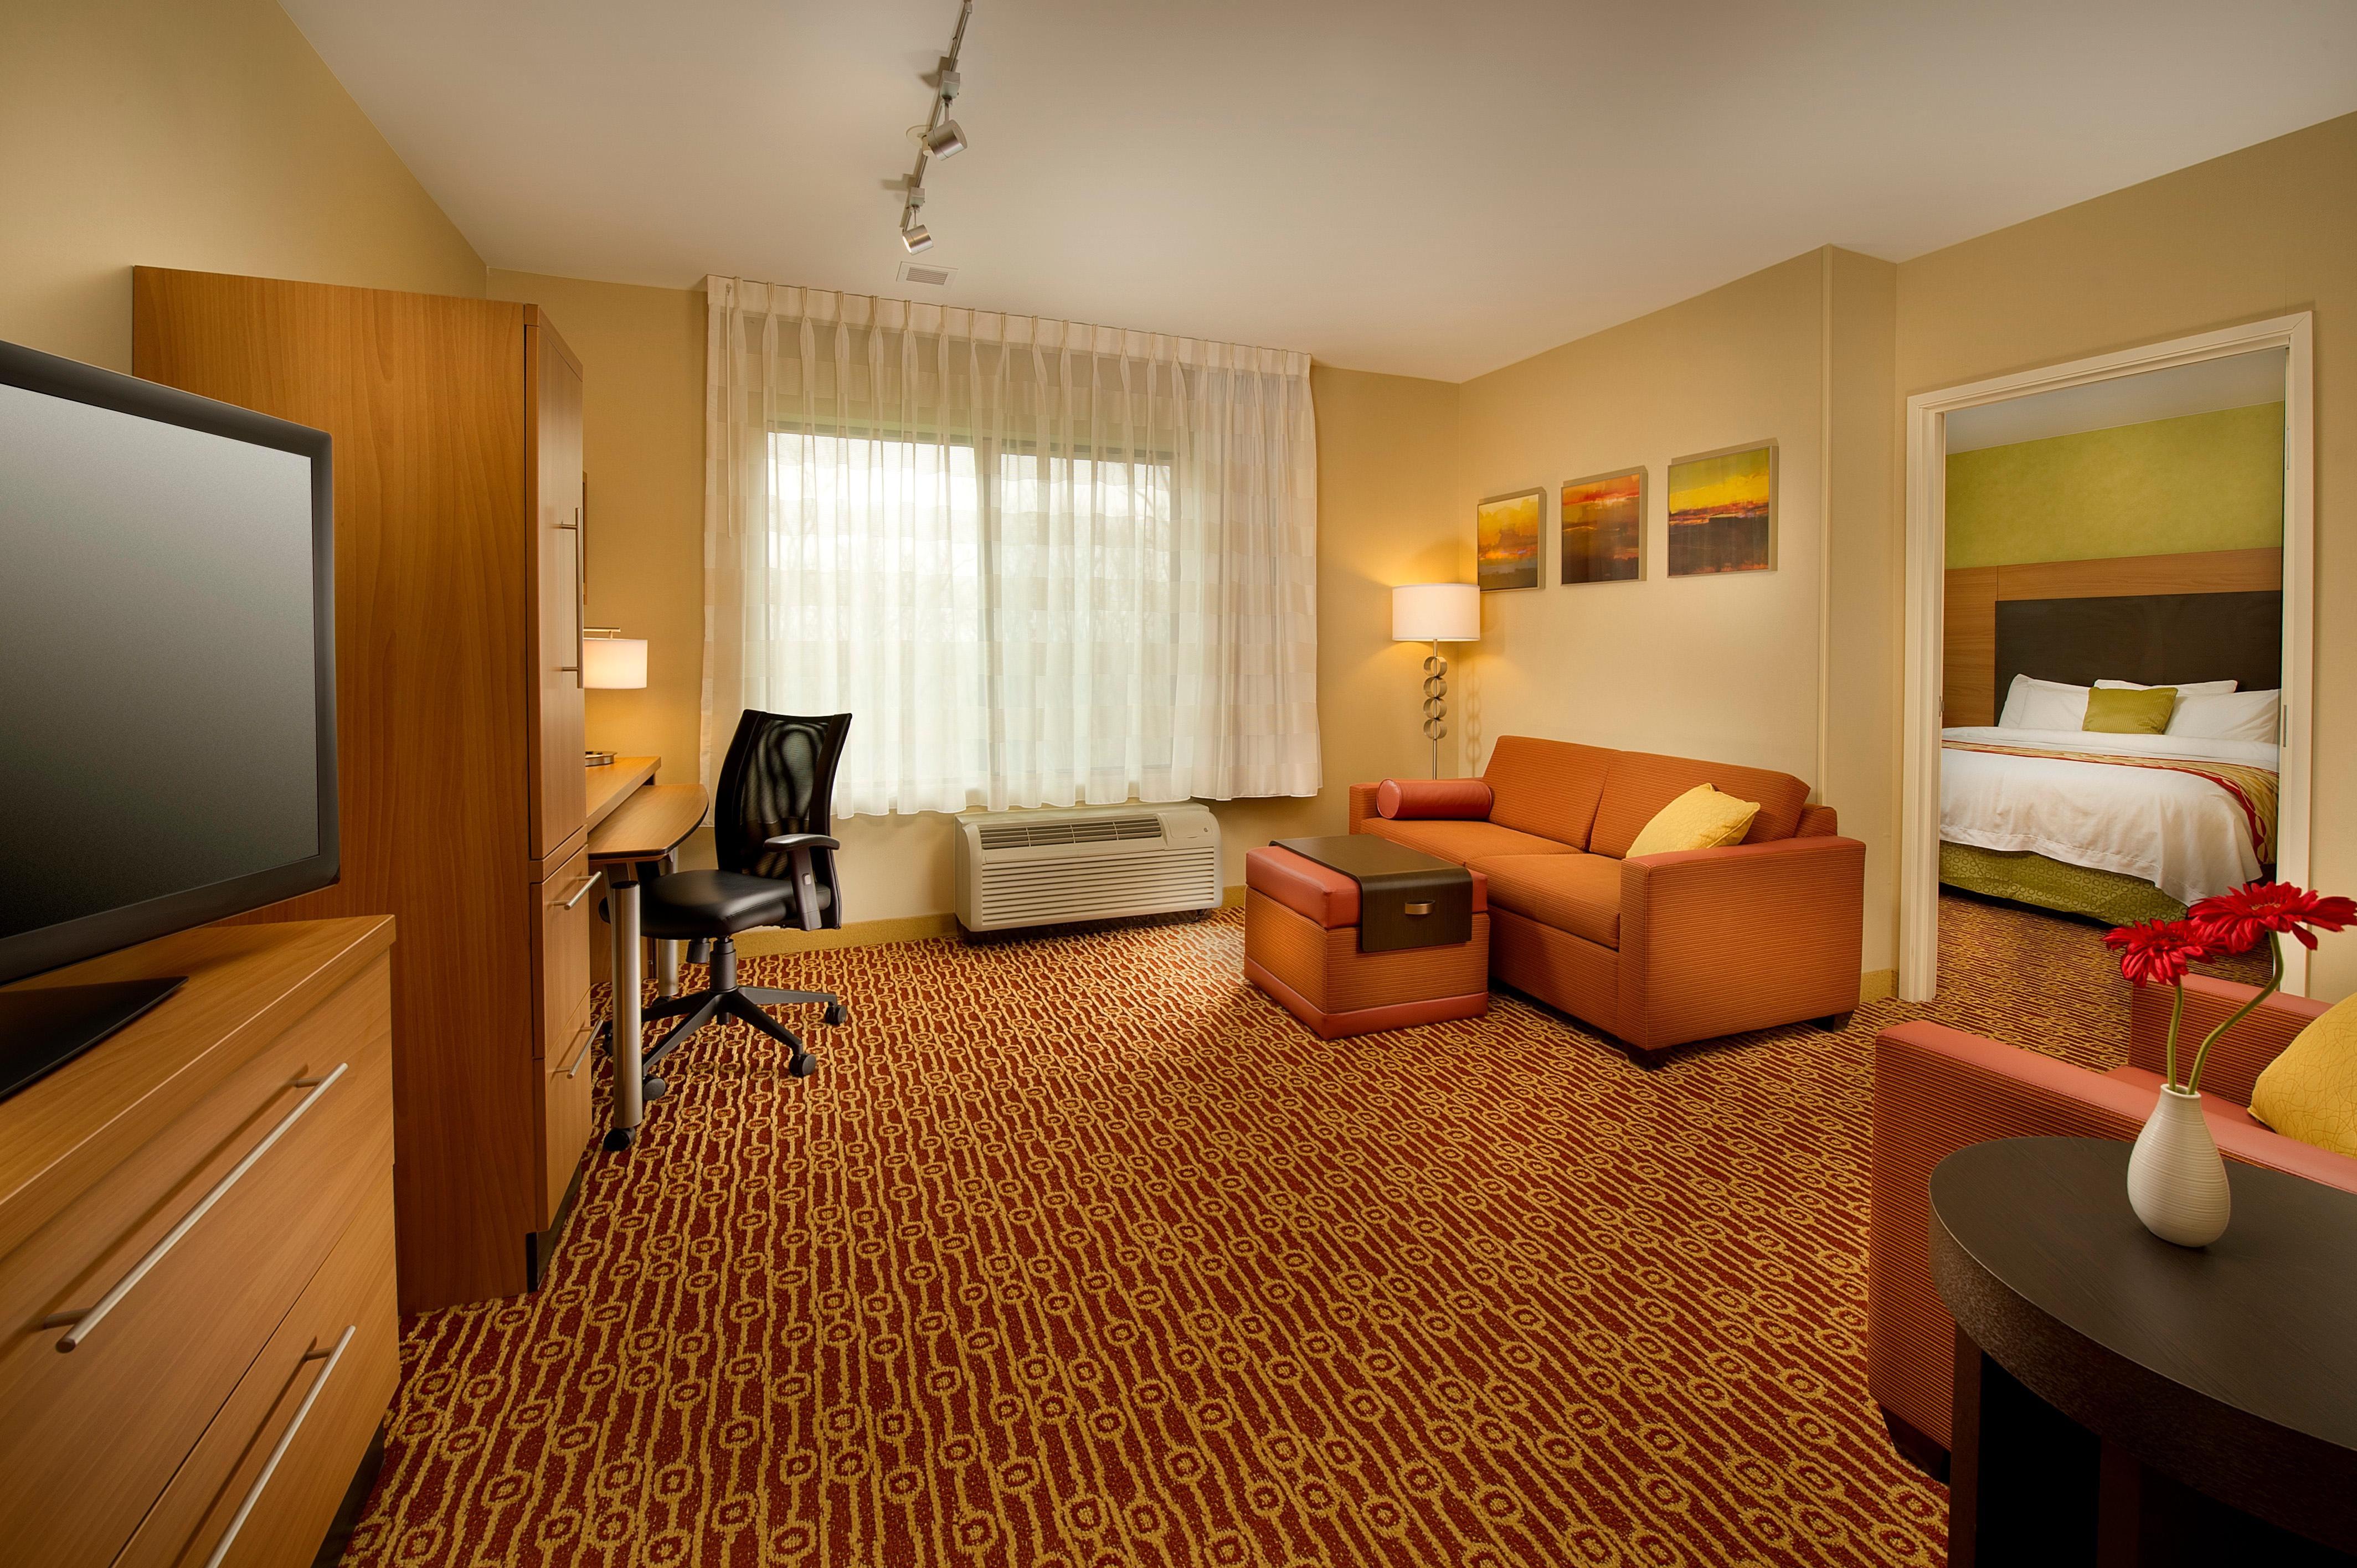 TownePlace Suites by Marriott Bridgeport Clarksburg image 2